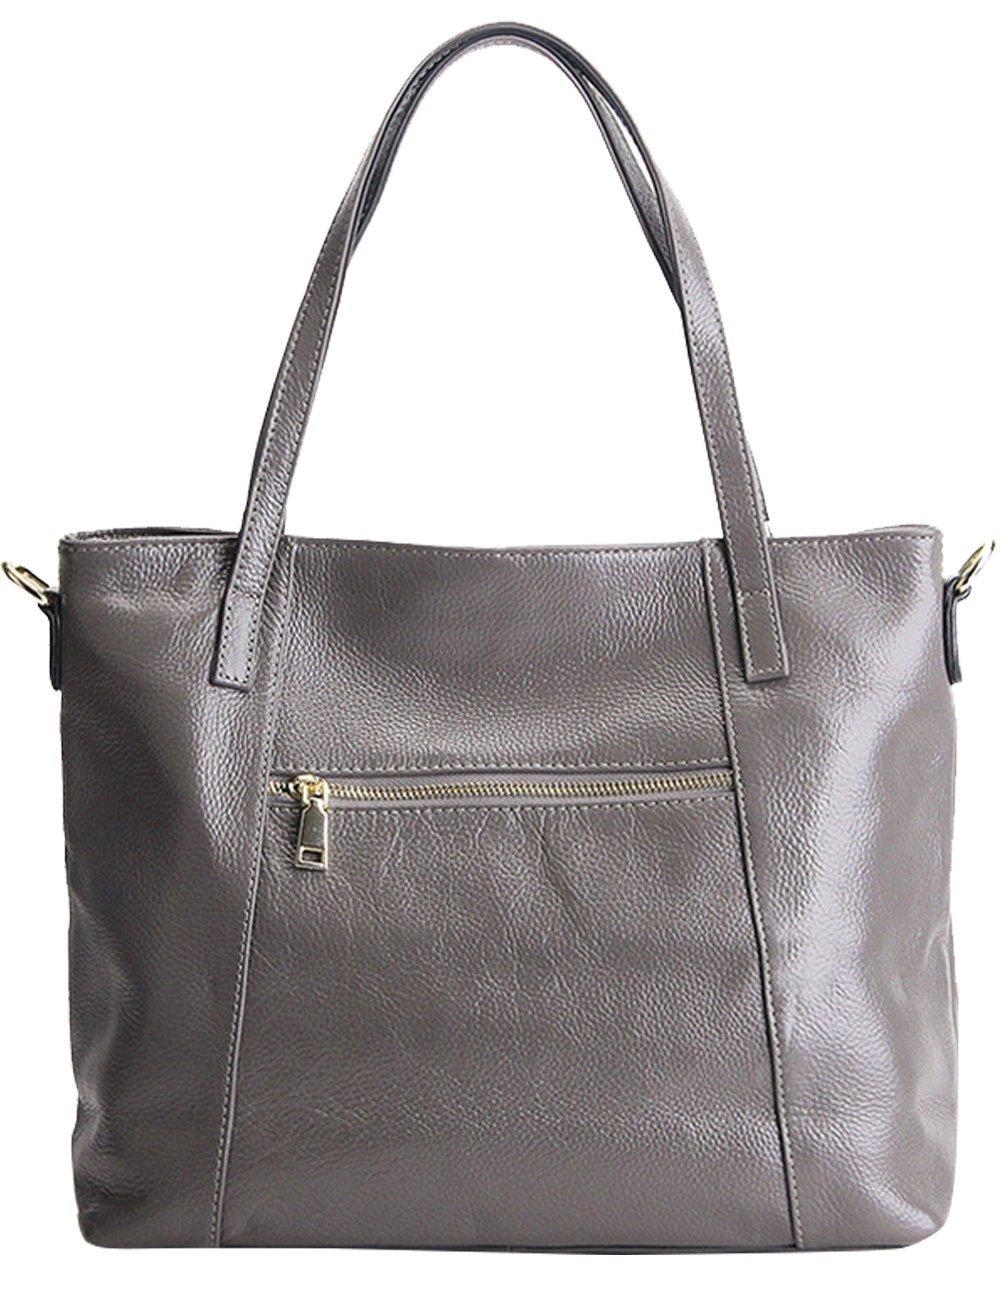 Menschwear Womens Genuine Leather Top Handle Satchel Bag Grey by Menschwear (Image #4)